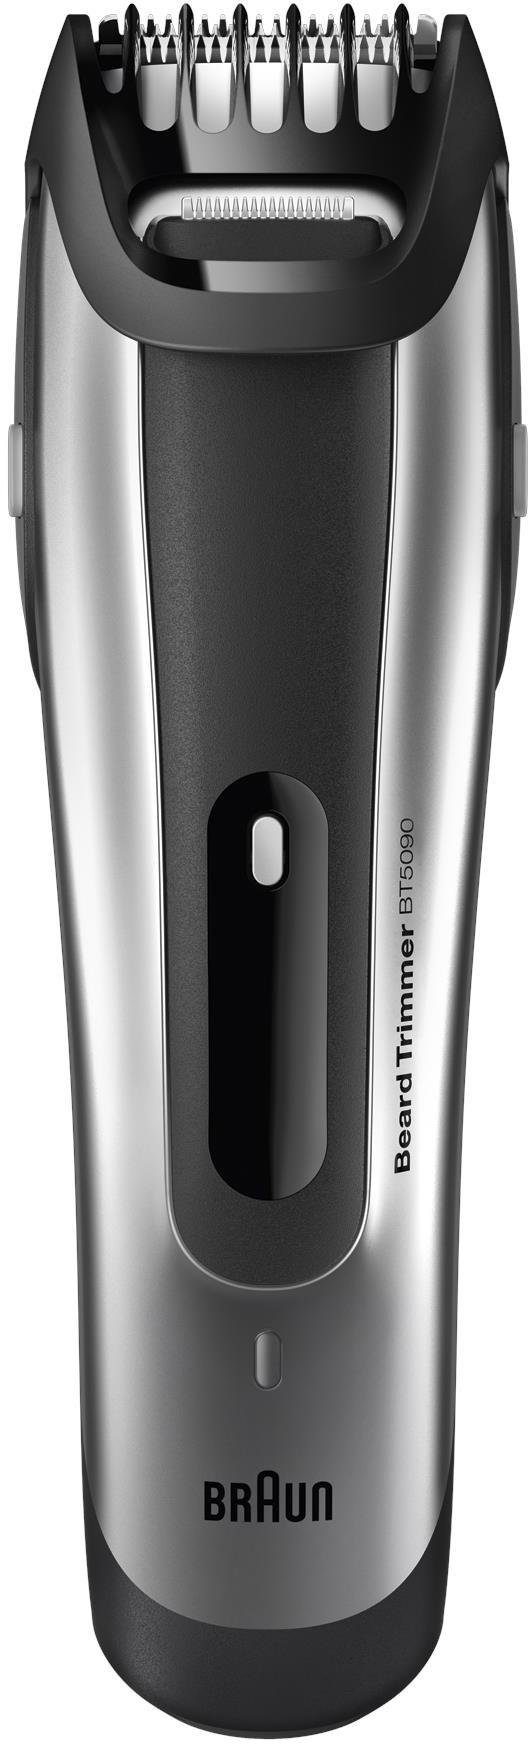 Braun Bartschneider Styler BT5090 , Ultimative Präzision